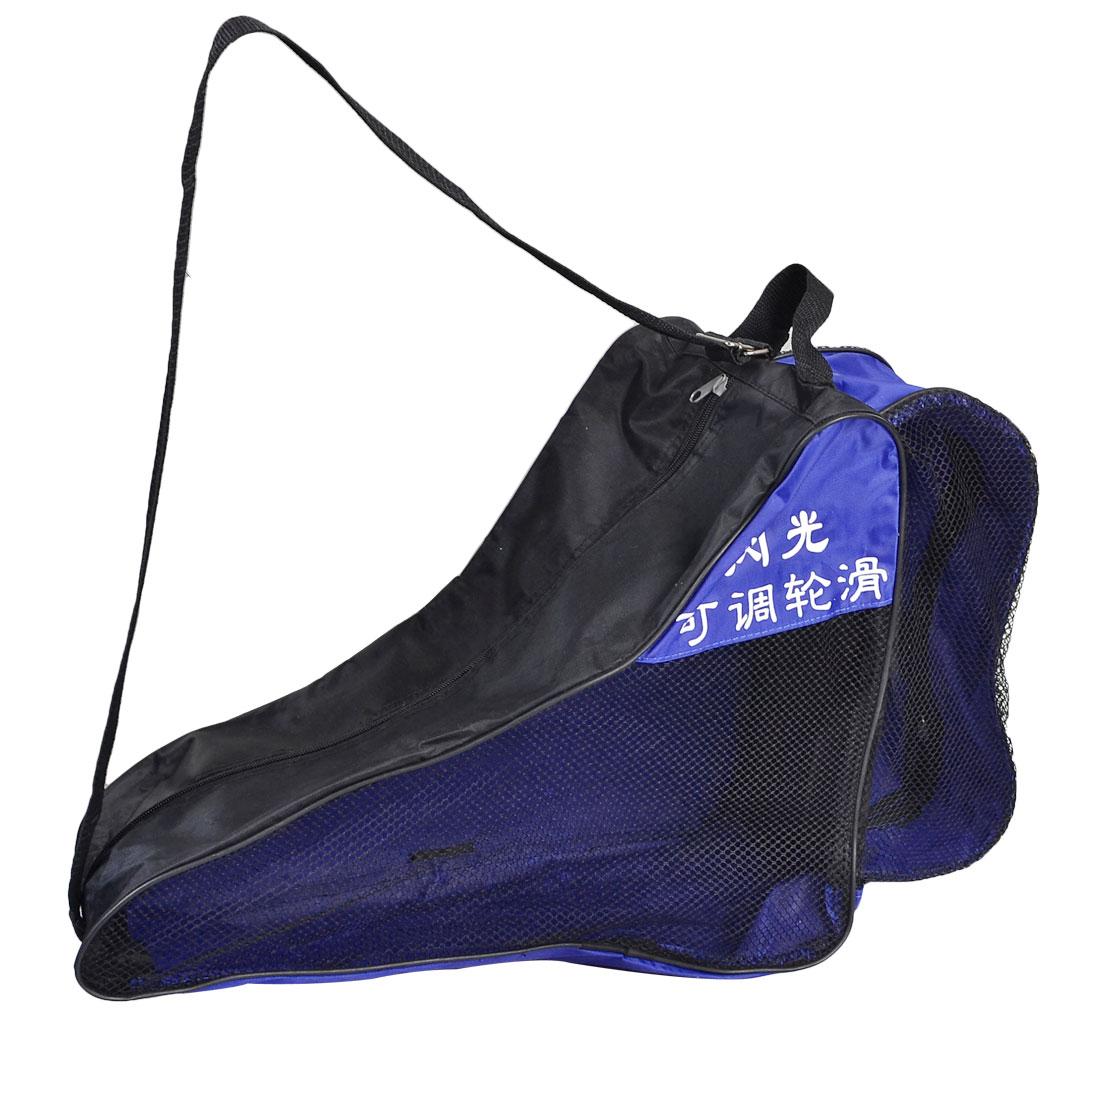 Black Mesh Zipper Skating Shoes Rollerskate Shoulder Strap Carry Bag Blue Gray